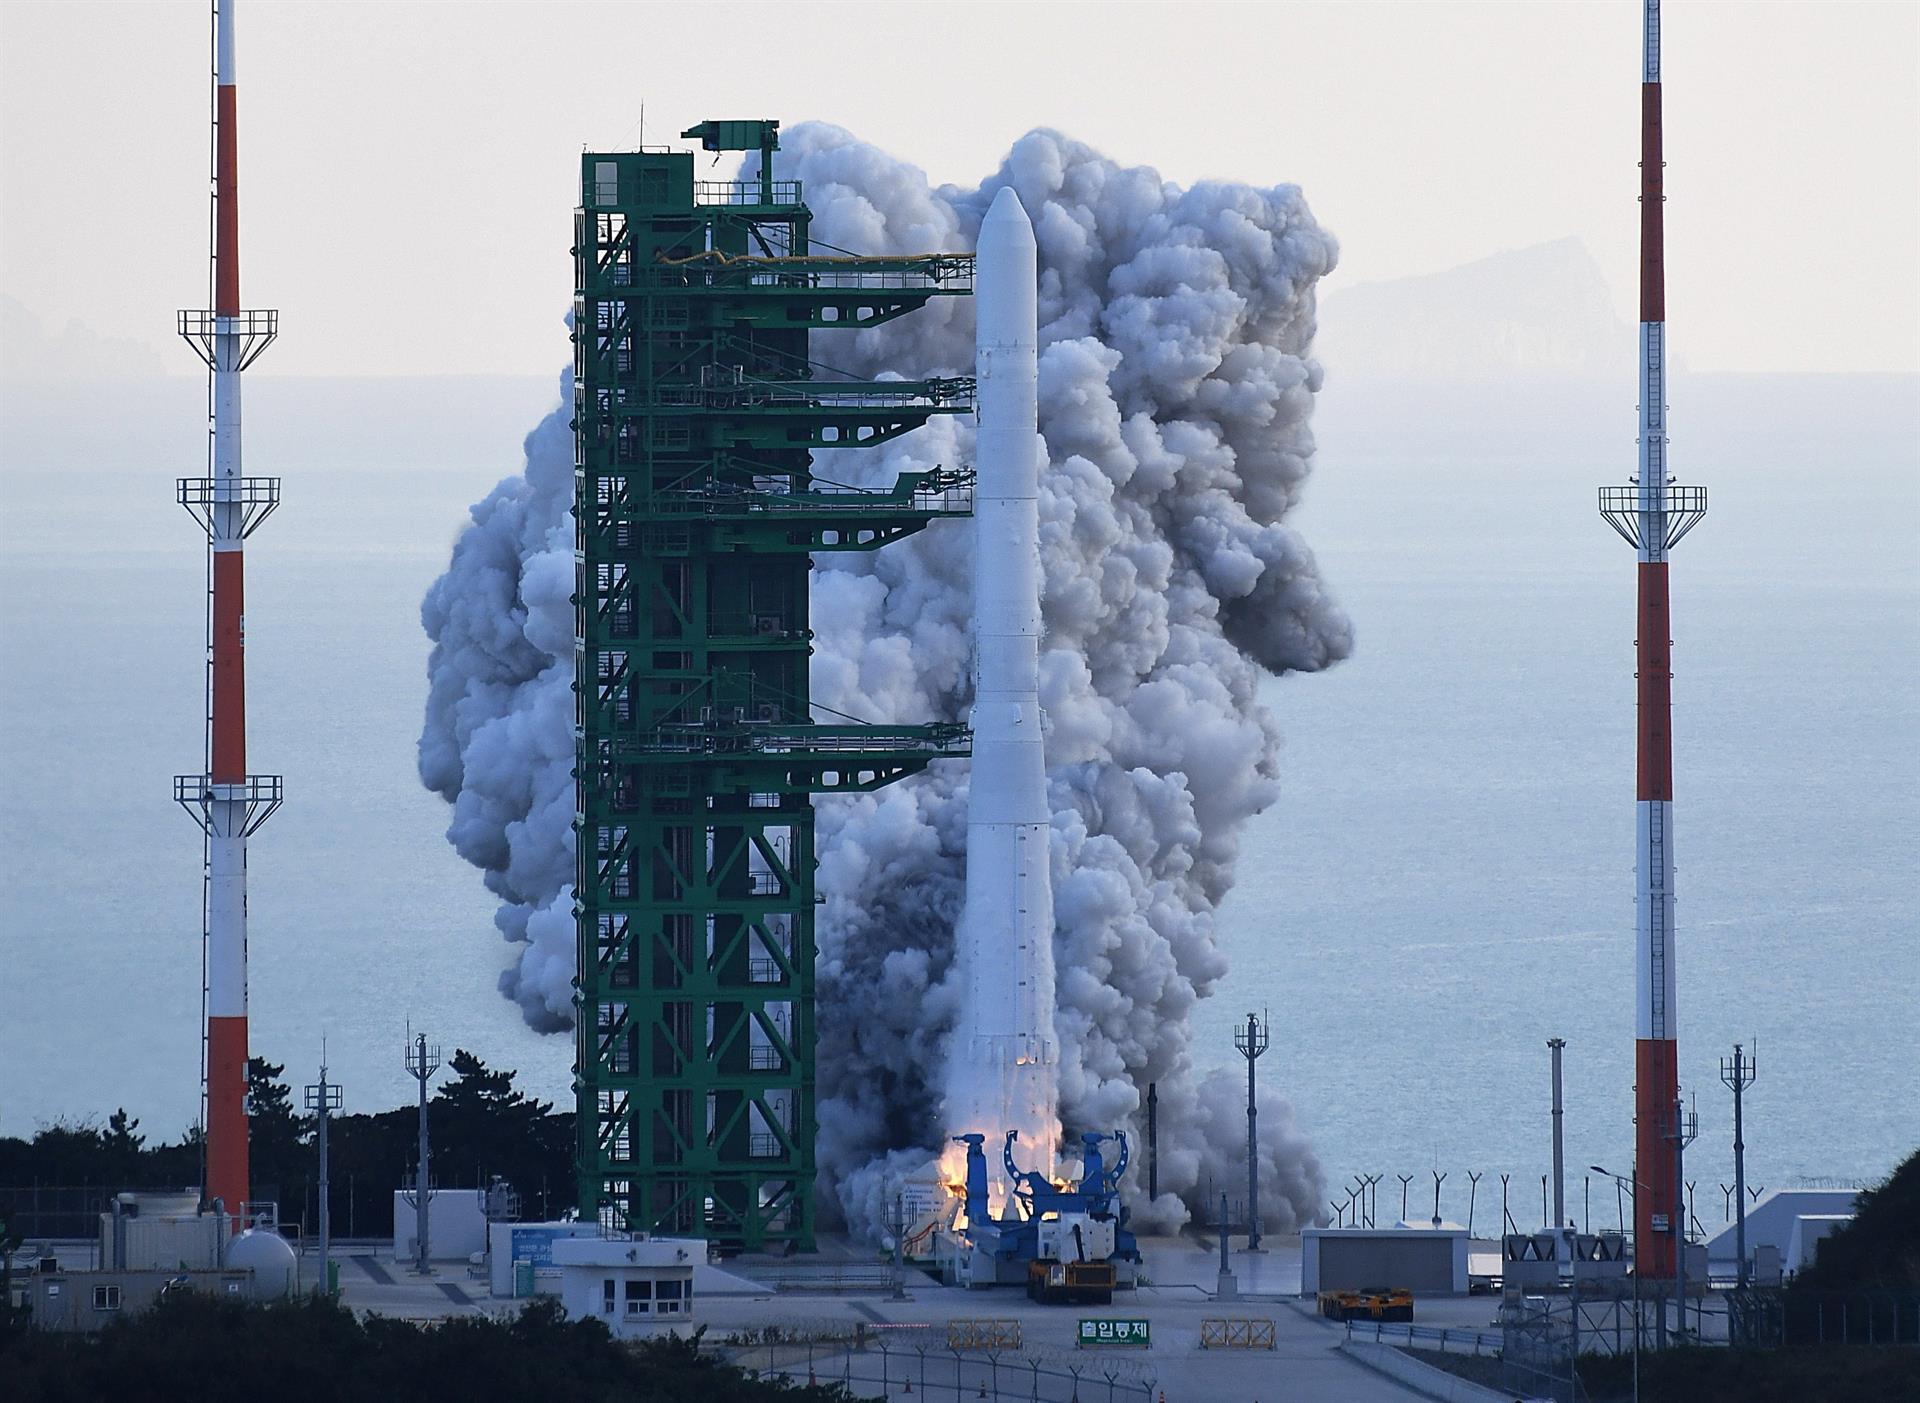 foguete sendo lançado na coreia do sul